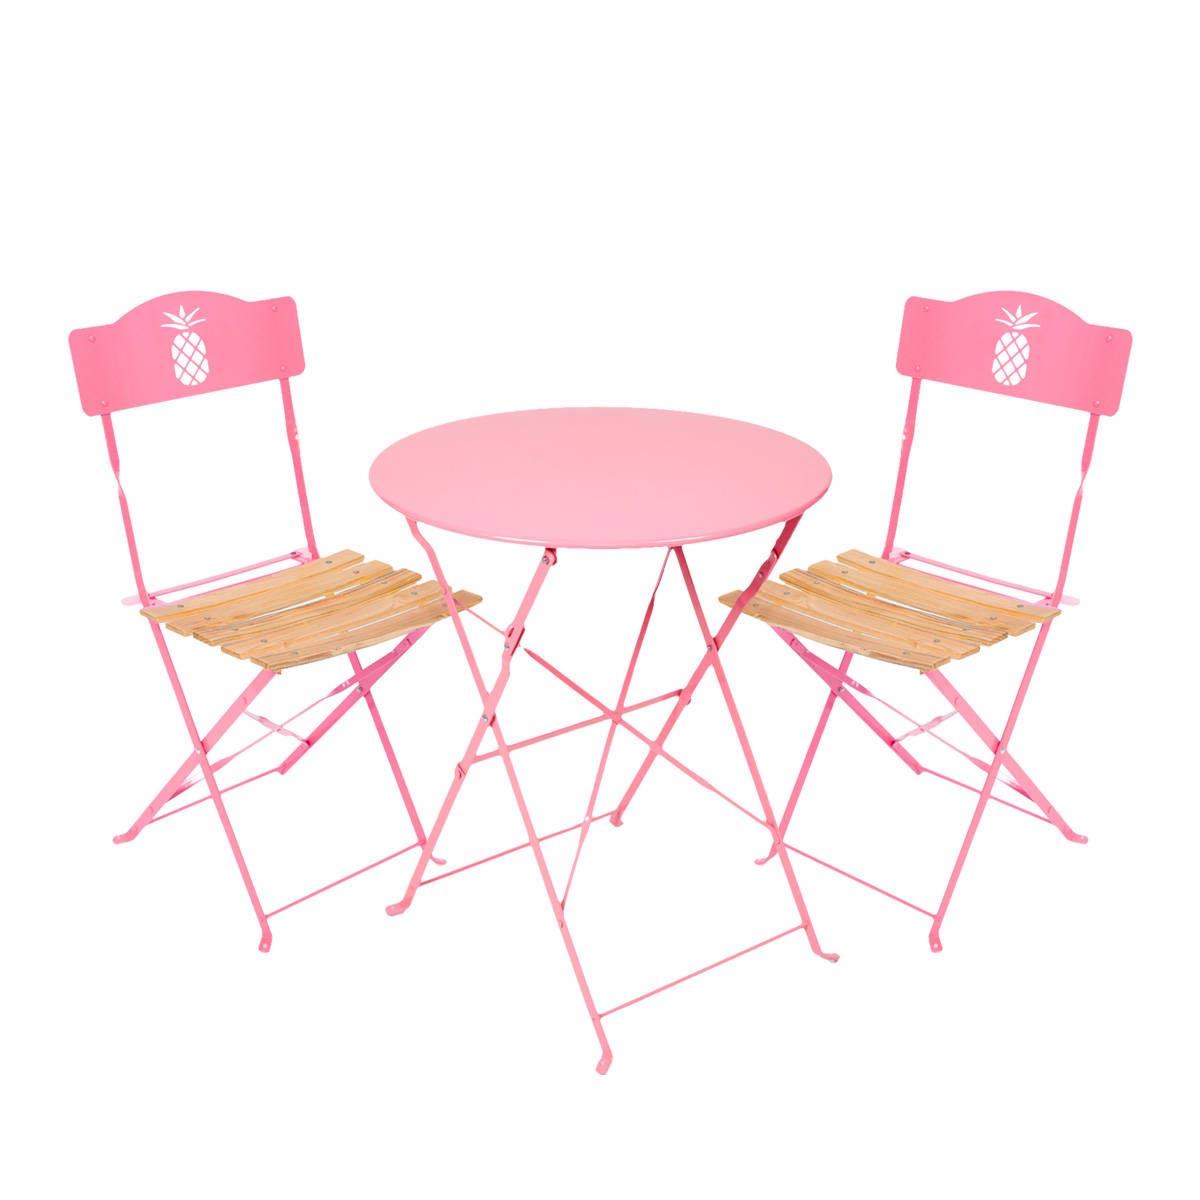 Set De Jardin Rose Ananas , 1 Table Ronde Et 2 Chaises - Acier Et Bois  Tati.fr dedans Table Jardin Rose